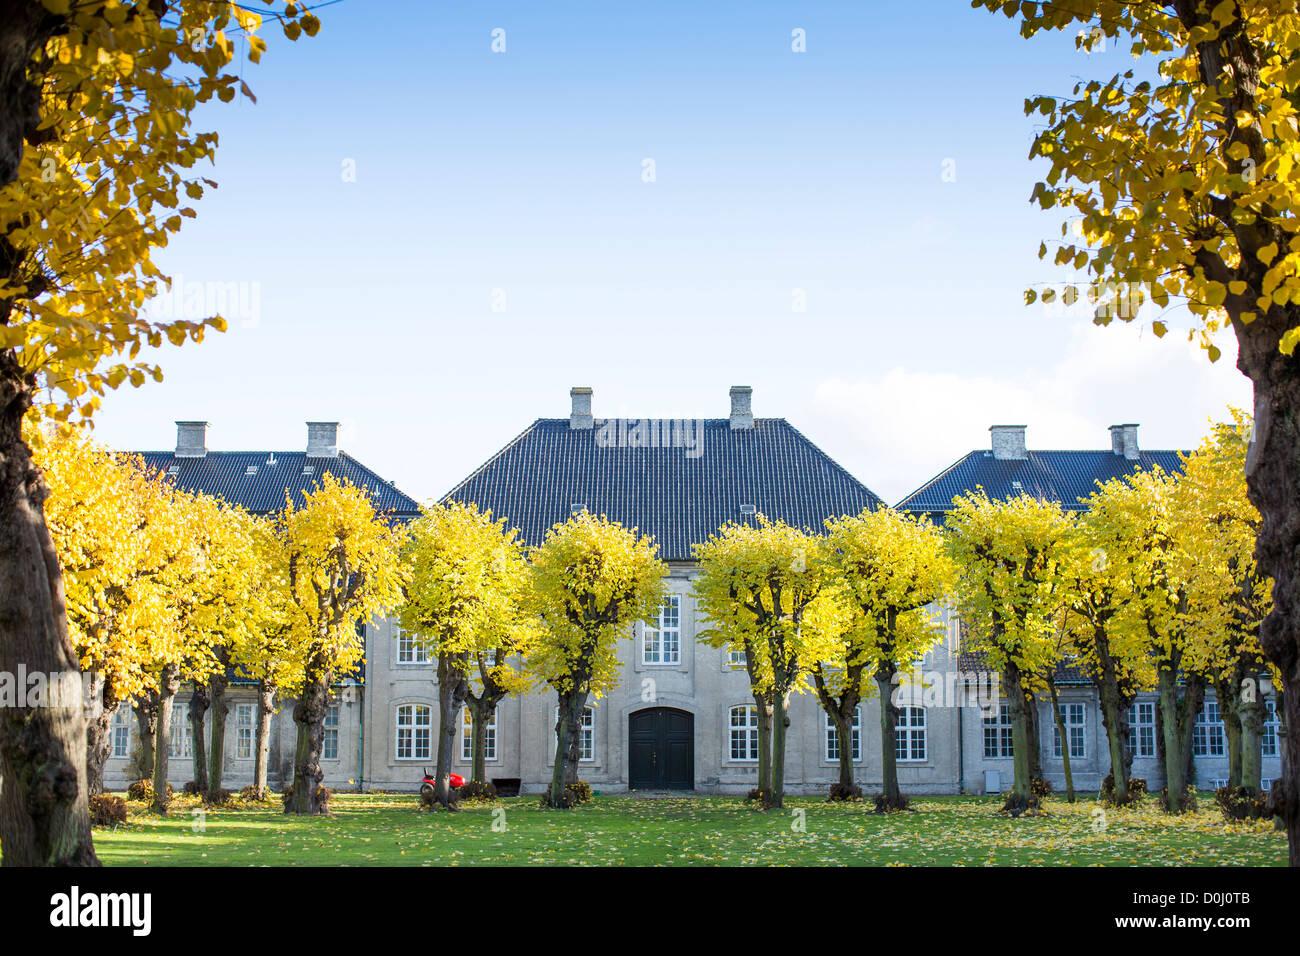 Diseño de Copenhague Museo Patio en otoño con hojas doradas sobre el árbol y un cielo azul. Foto de stock